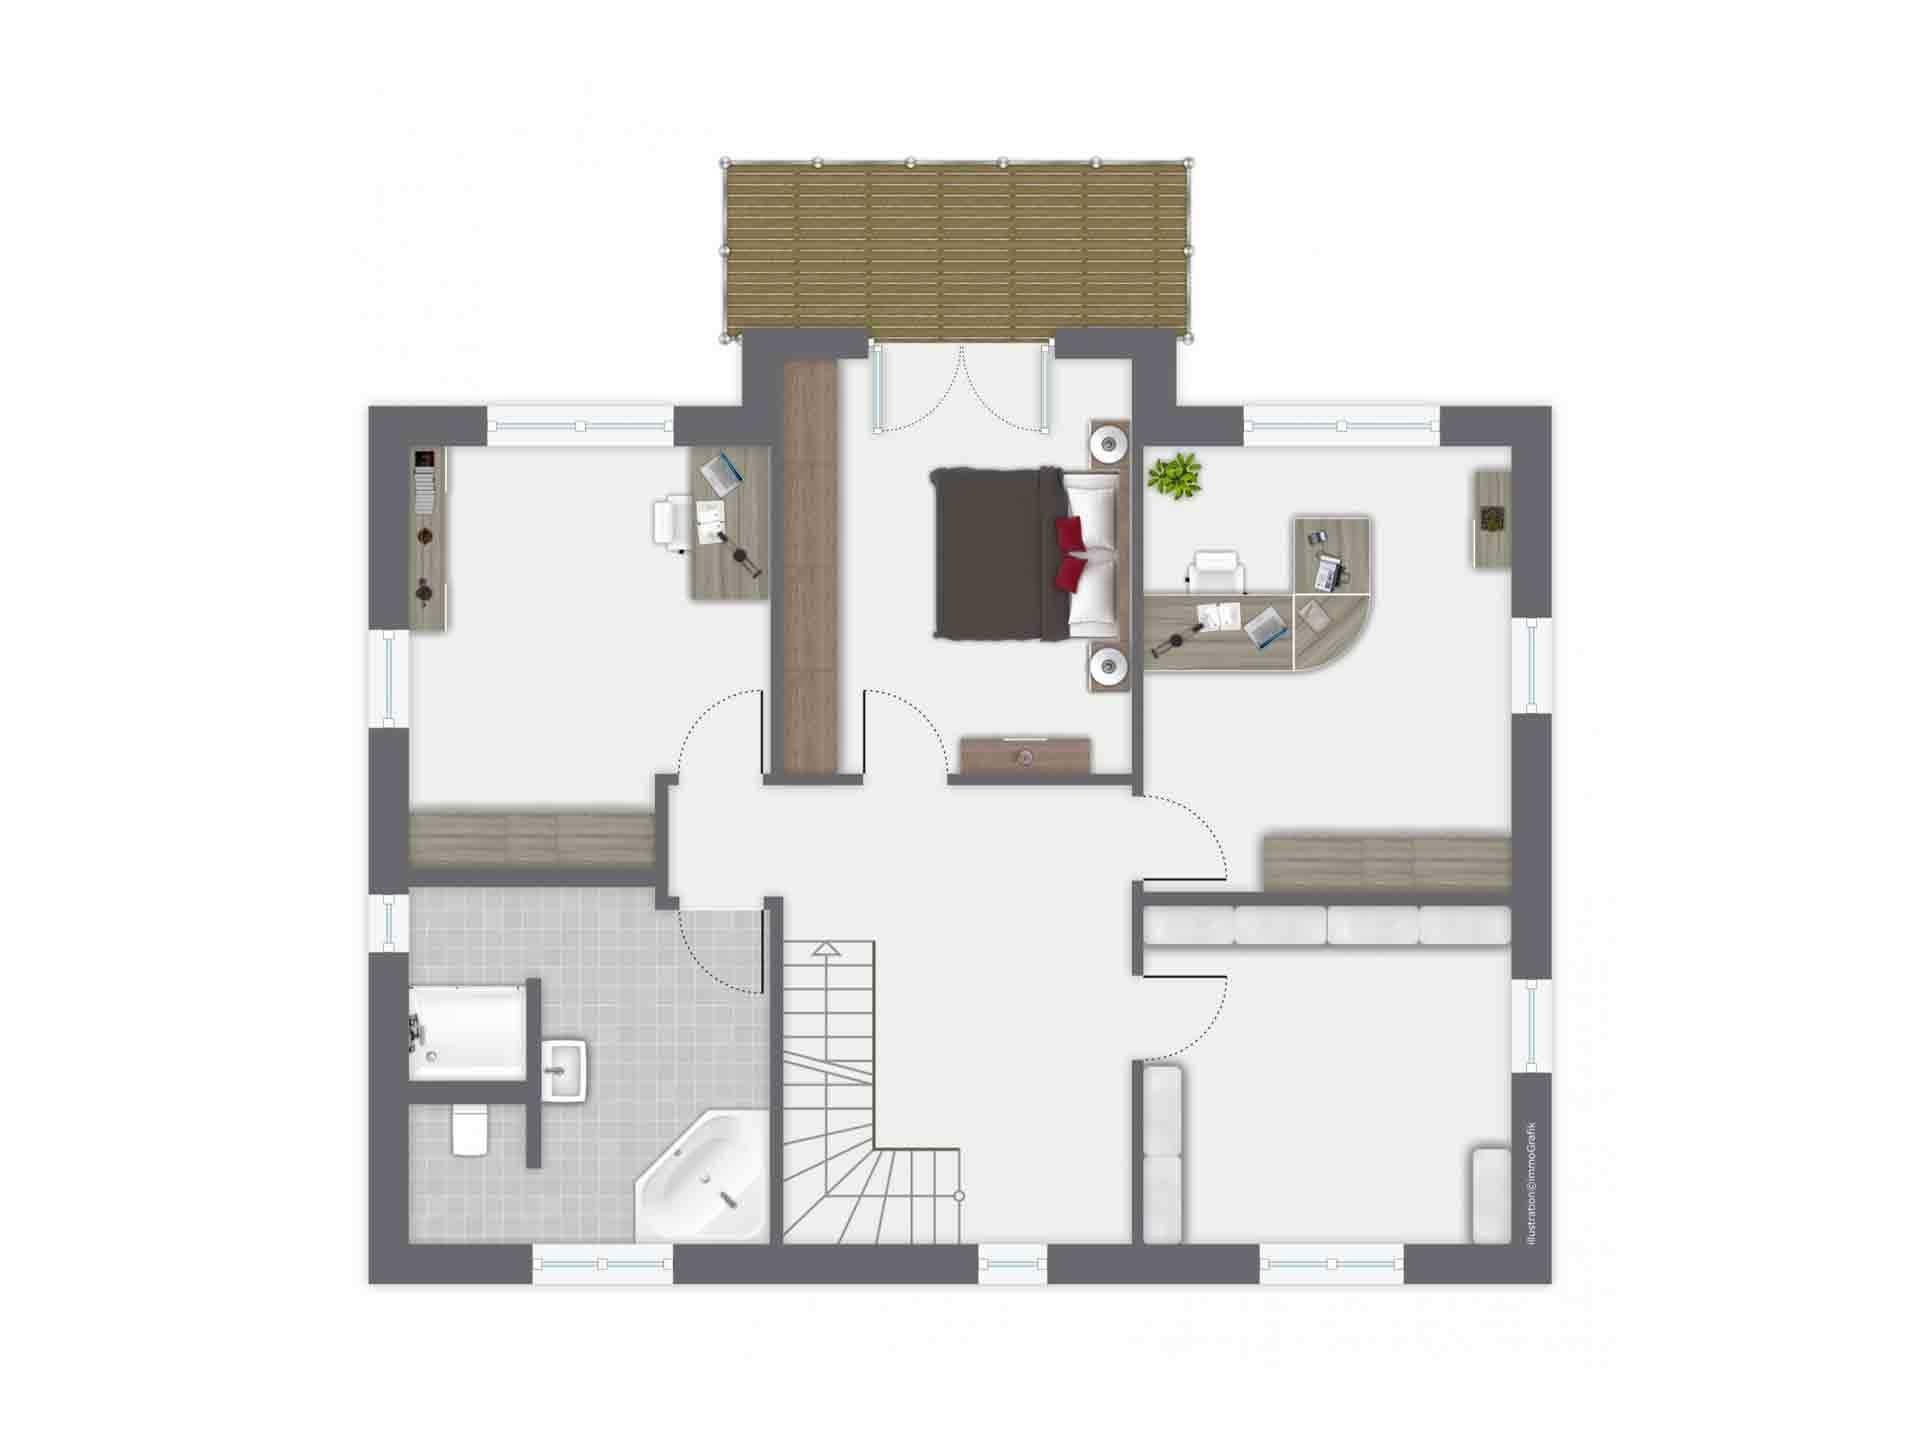 Haus Löwental - Eine Nahaufnahme eines Geräts - Gebäudeplan